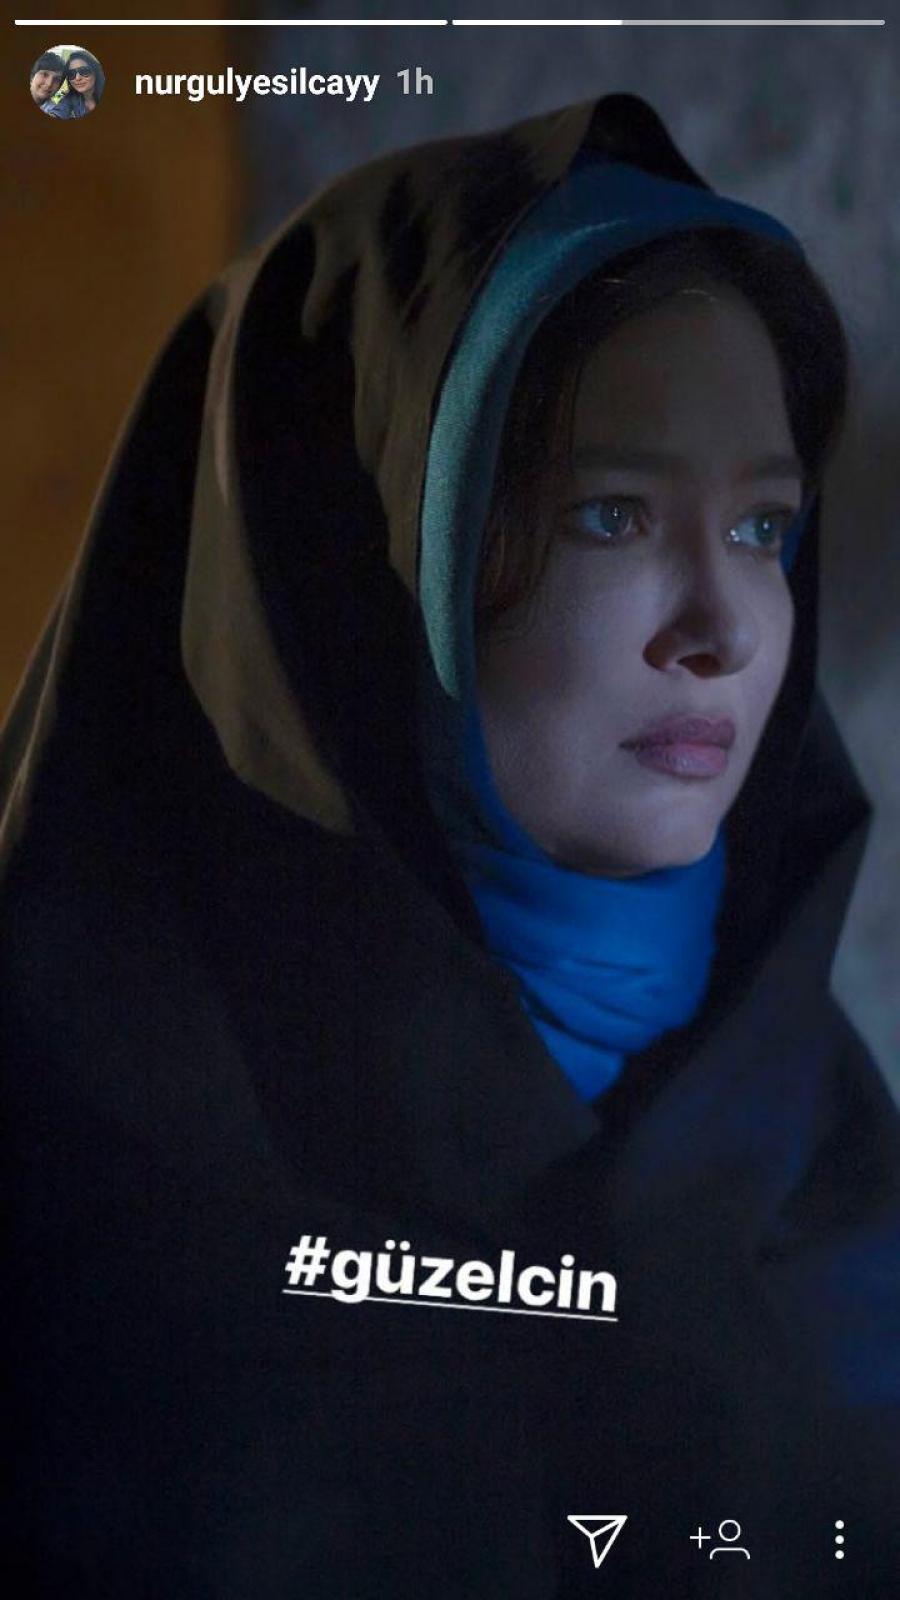 صحبتهای بازیگر زن ترکیهای (نورگل یشیلچای) درباره چادر + عکس